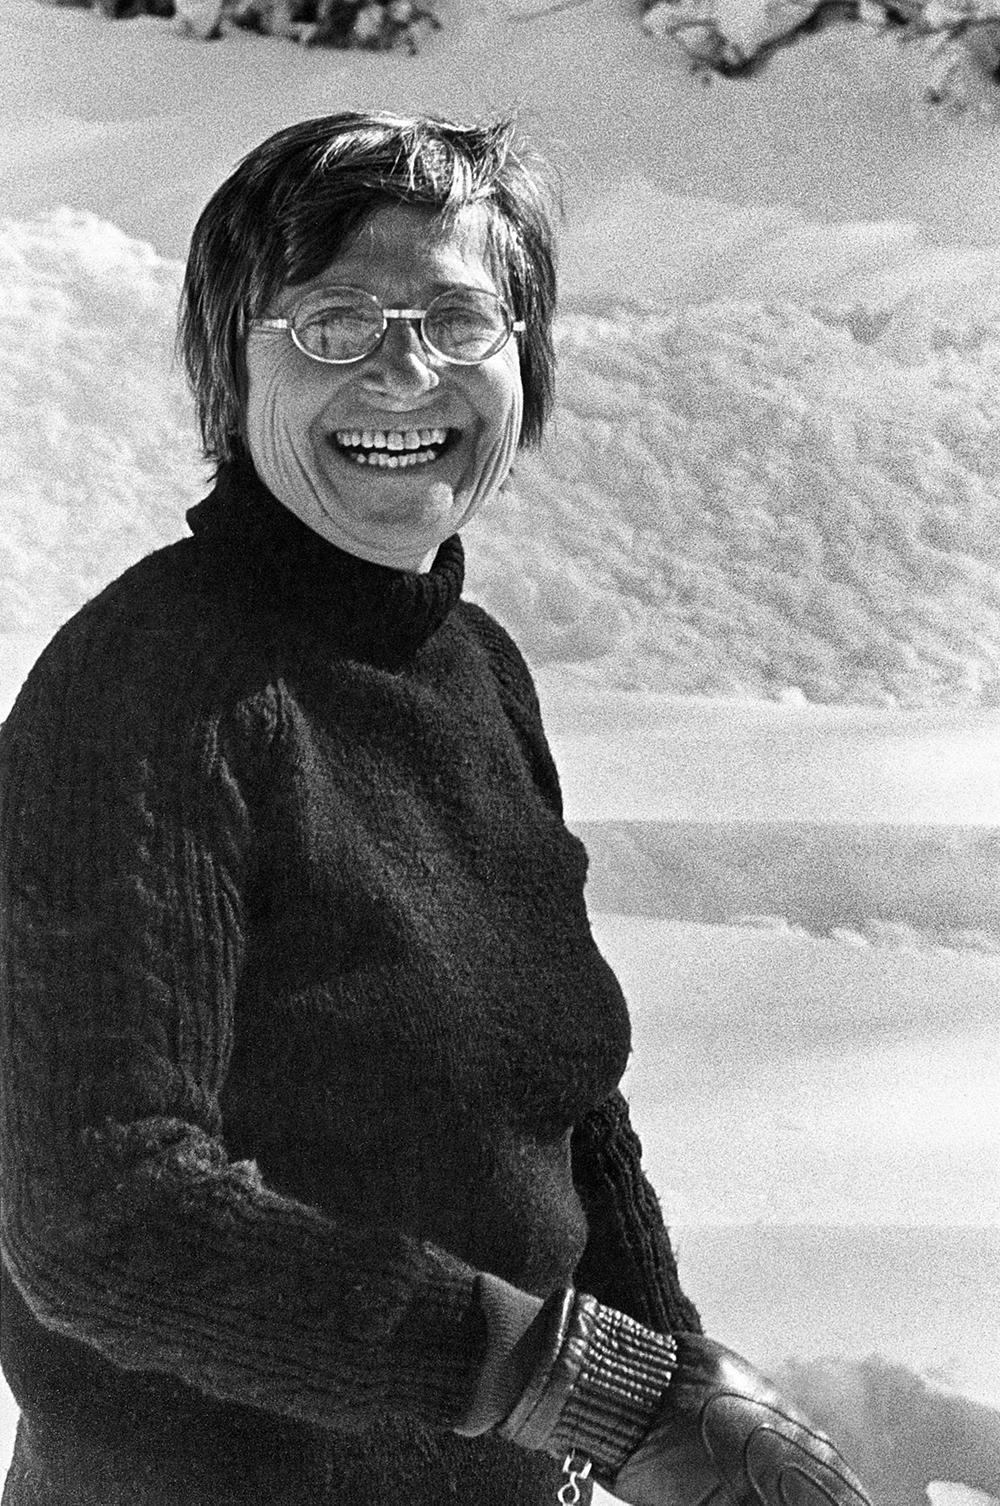 Goodwin - Anne in snow.jpg